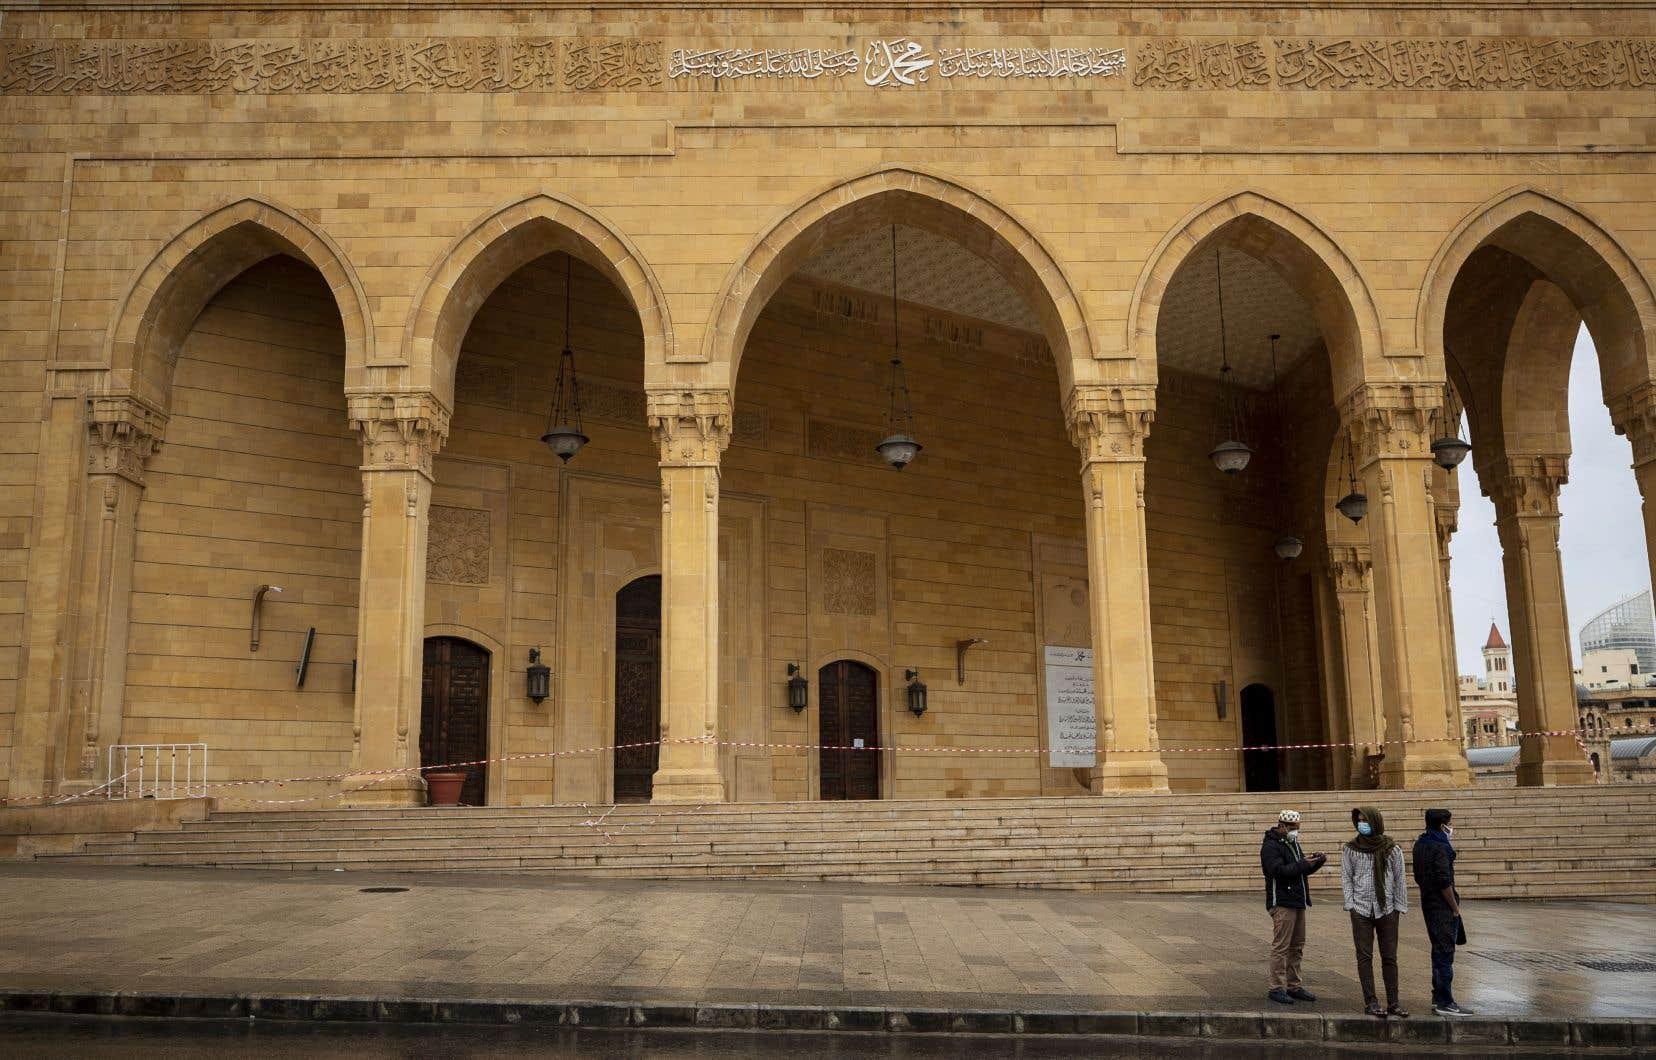 Dans nombre  de pays, comme ici au Liban,  les autorités  religieuses ont choisi de fermer les lieux de culte, laissant les  fidèles à la porte pour qu'ils privilégient la prière à la maison.